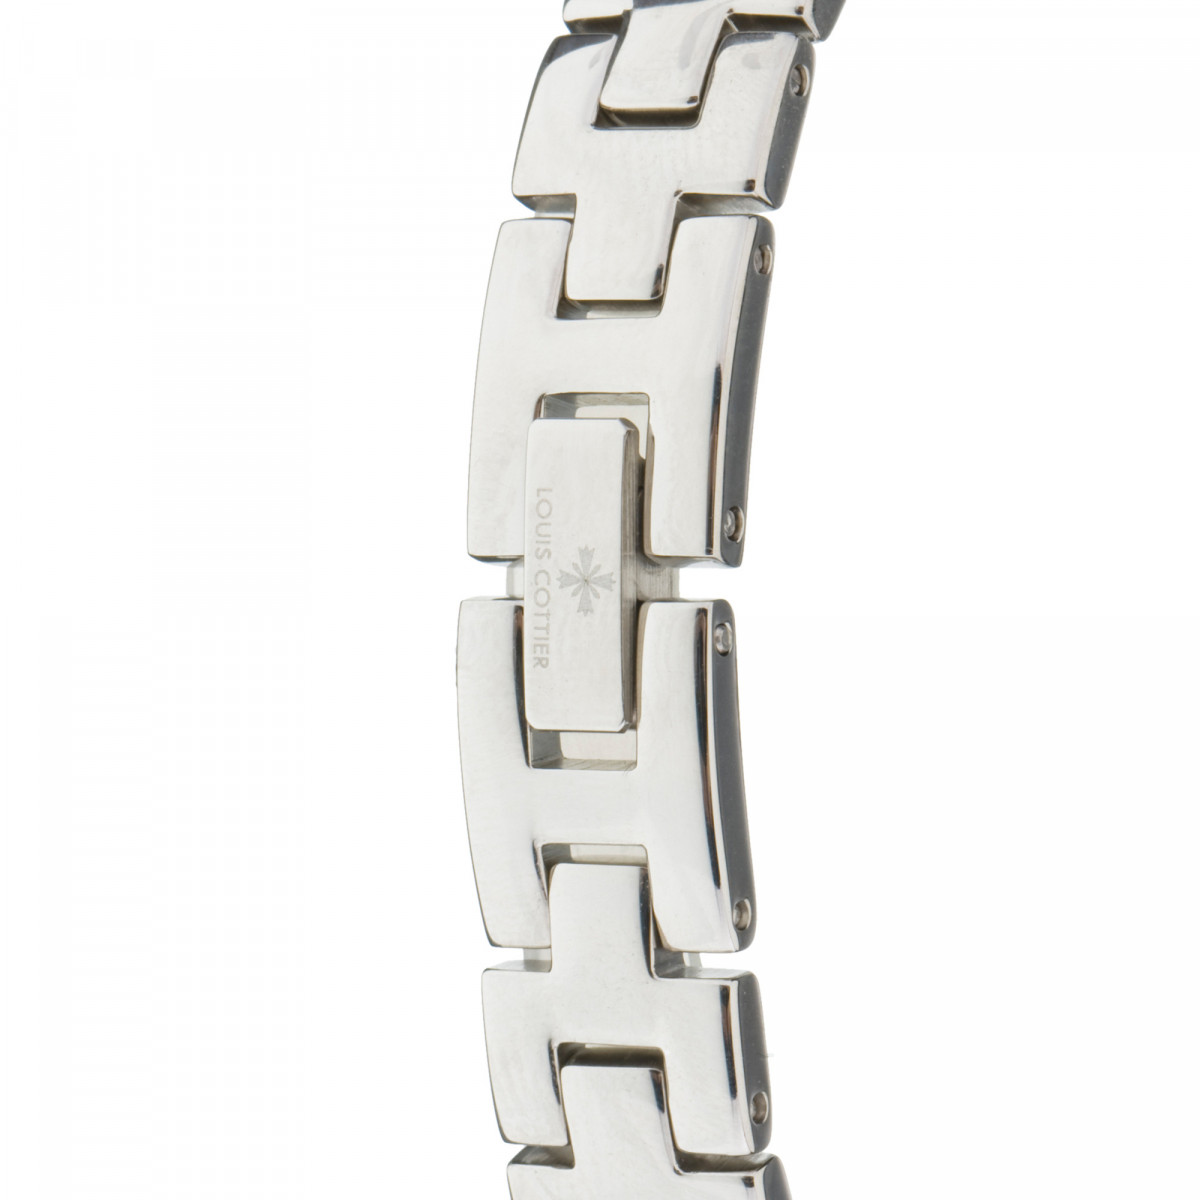 Louis Cottier - Montre Femme ALICE céramique blanc et acier - Boîtier 25 mm - HY3580C3BV4